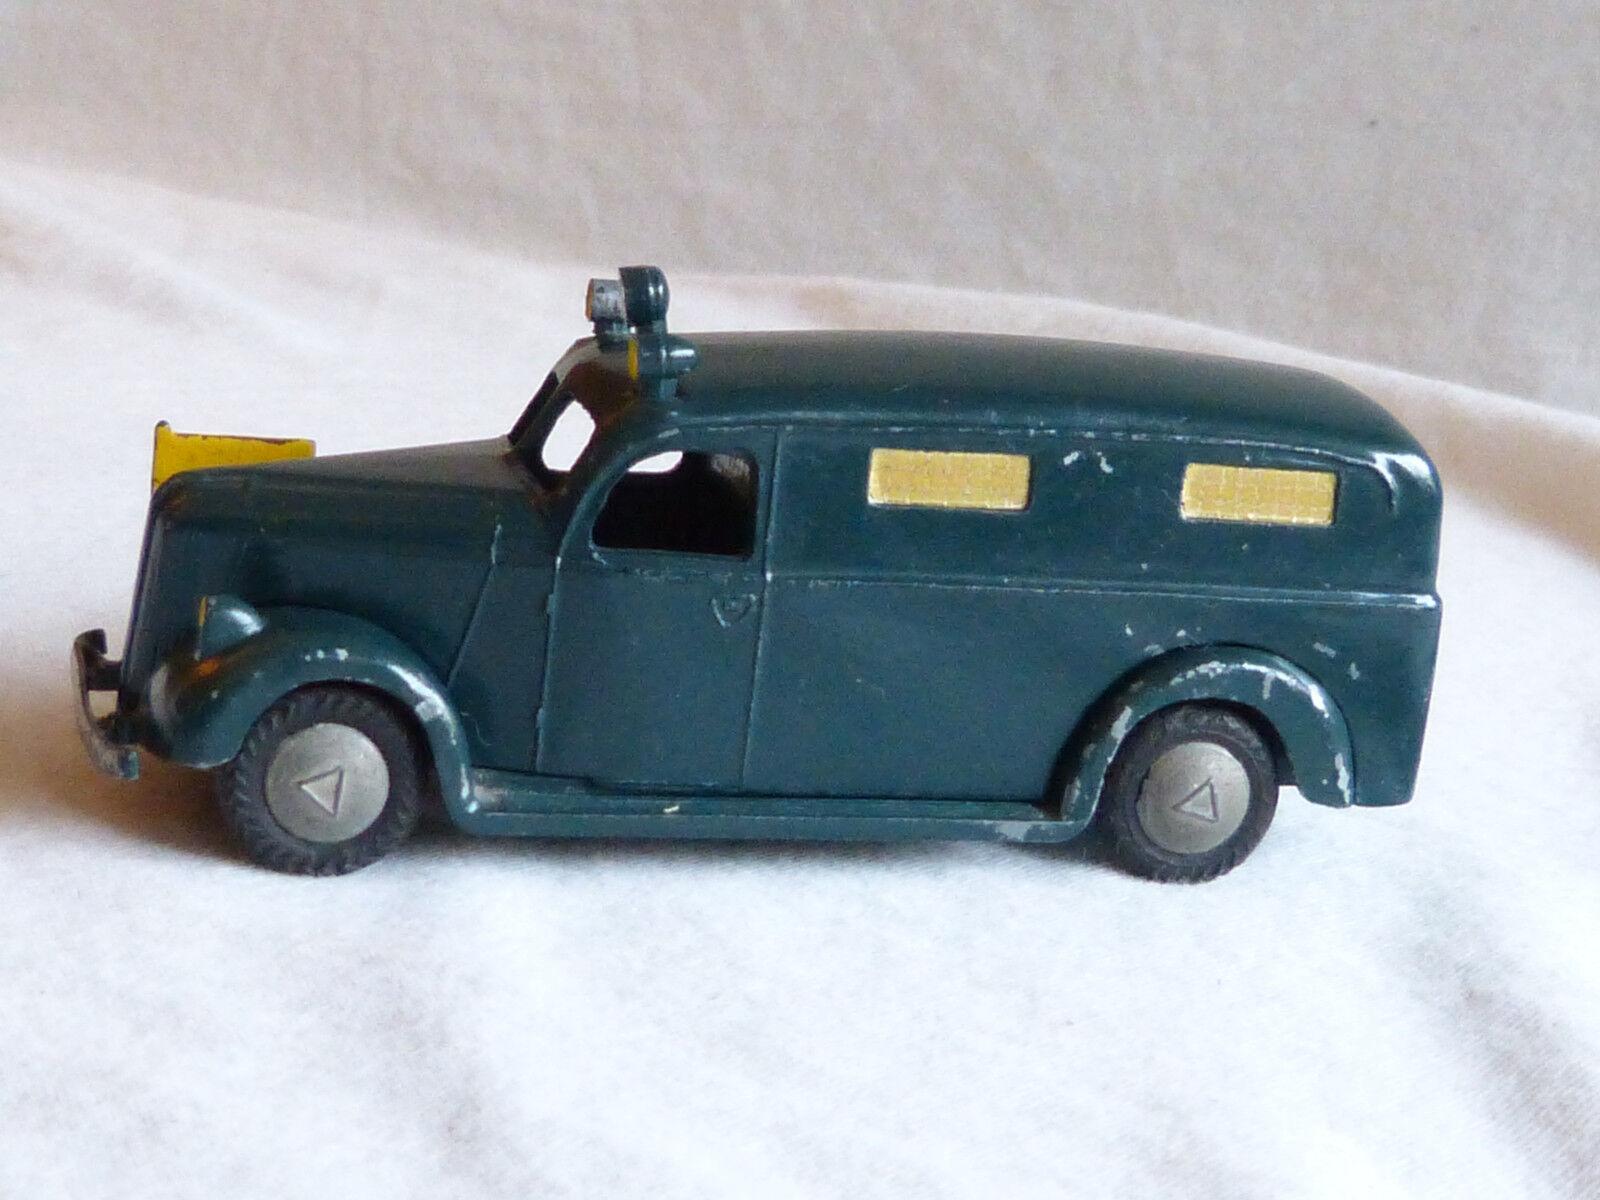 TEKNO Triangle politibil policecar No. 427 MODELCAR modèle modelbil Denmark